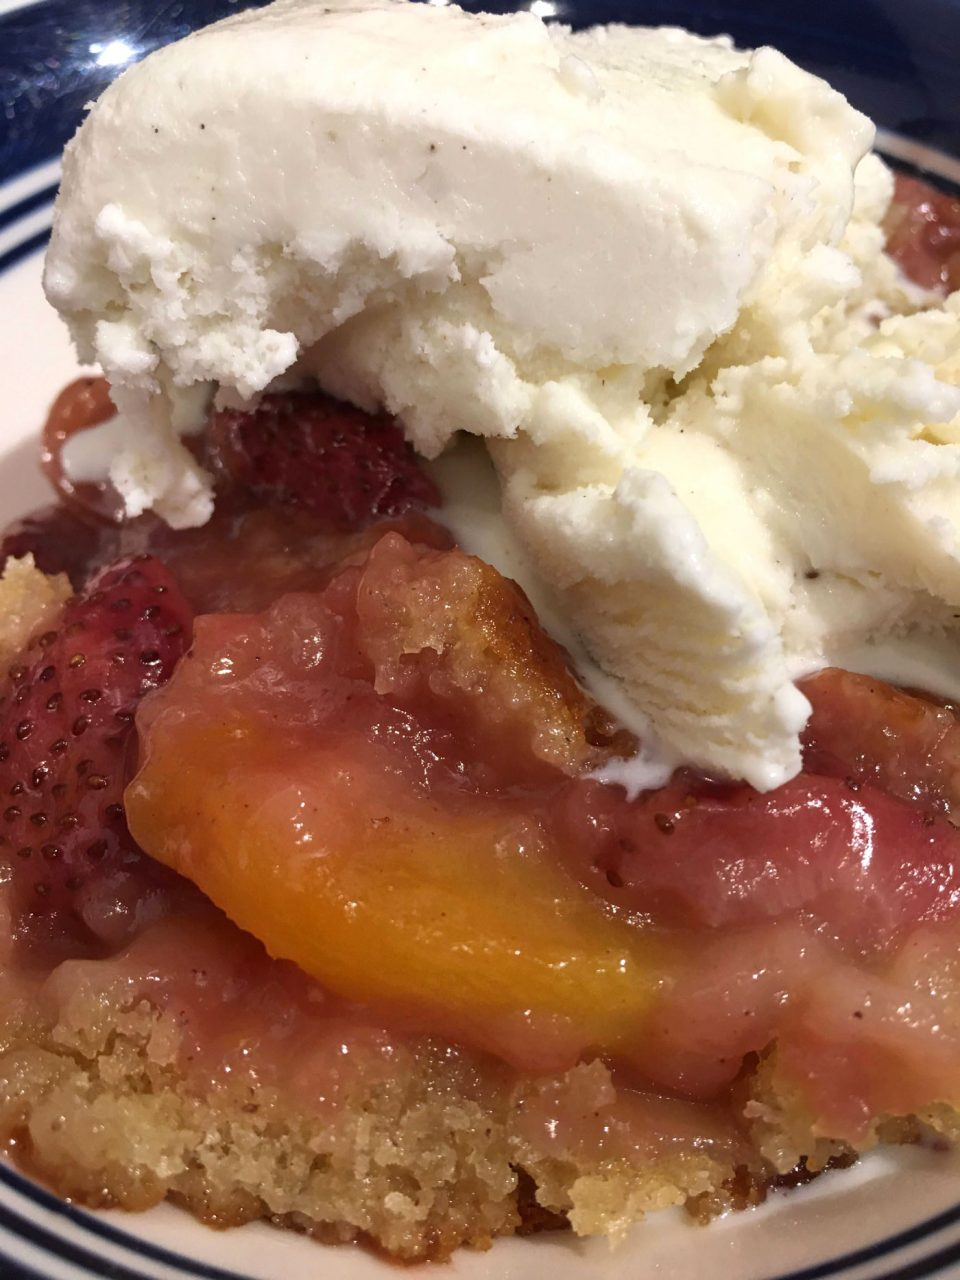 strawberry peach cobbler recipe